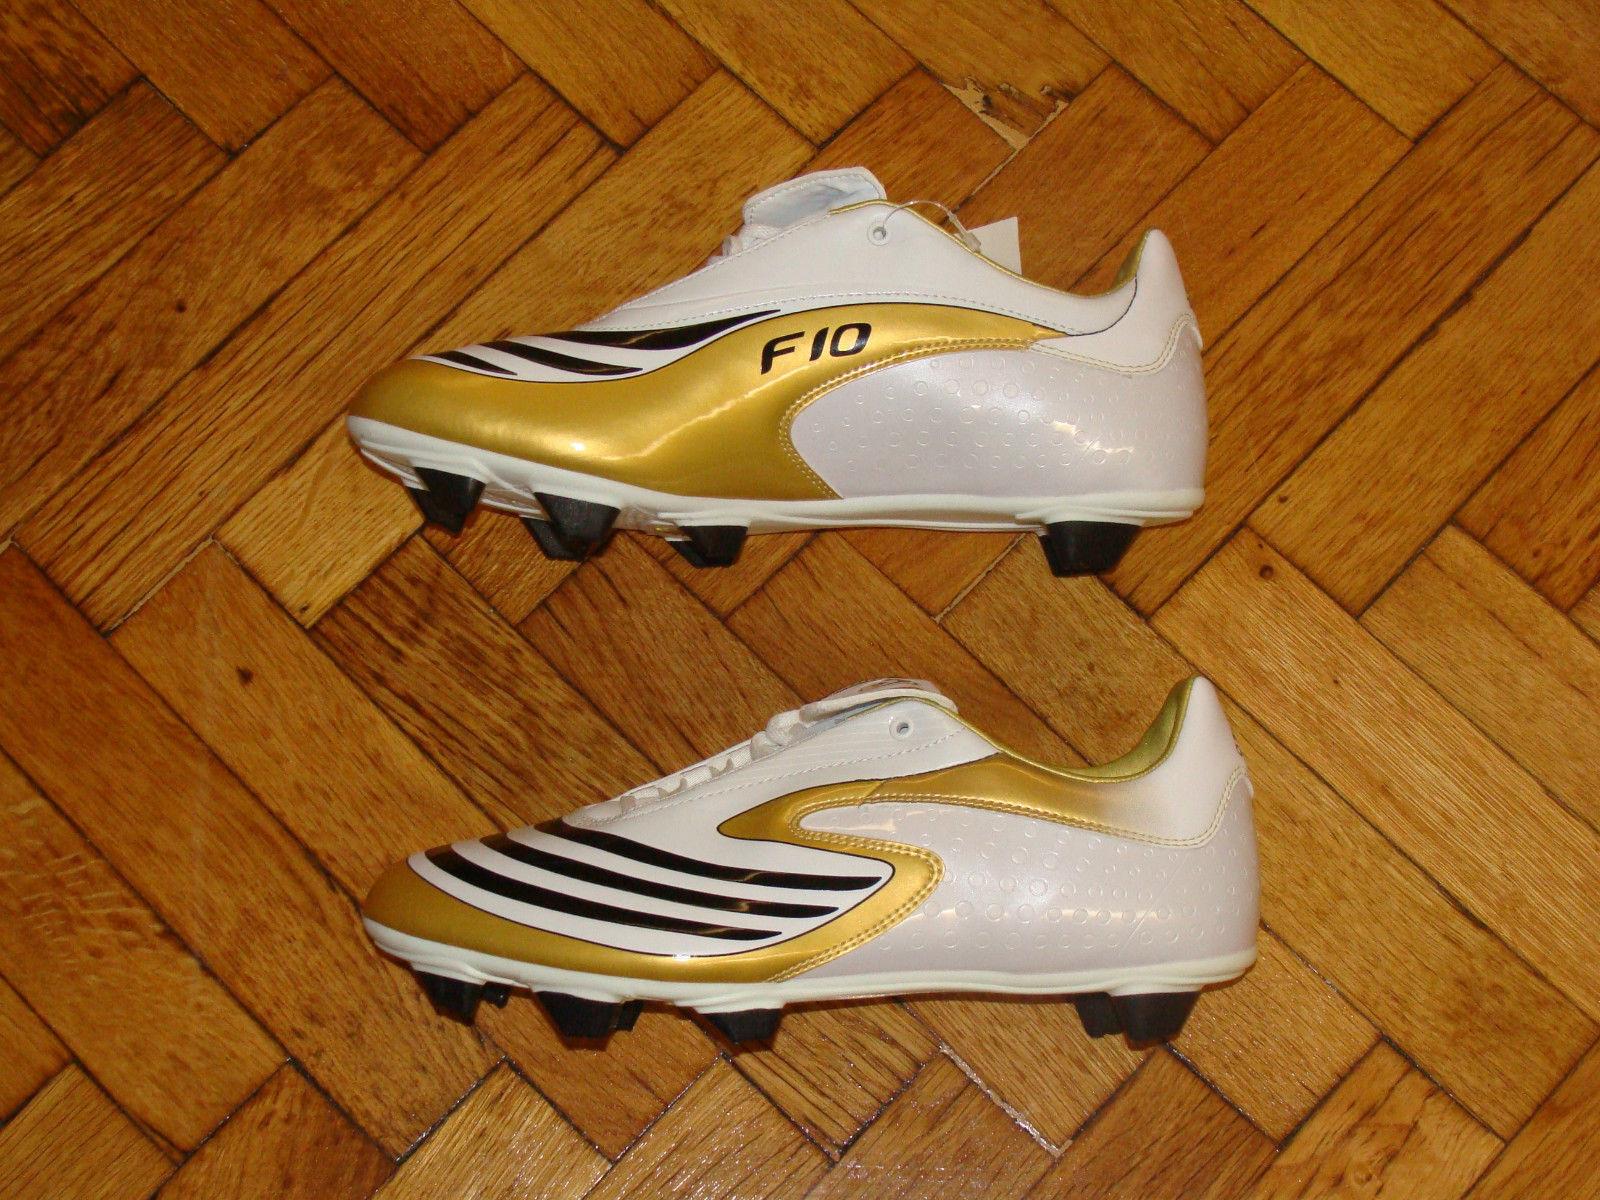 botas De Fútbol Adidas F10.8 F 10 Fútbol Zapatos terreno blando oro Nuevo